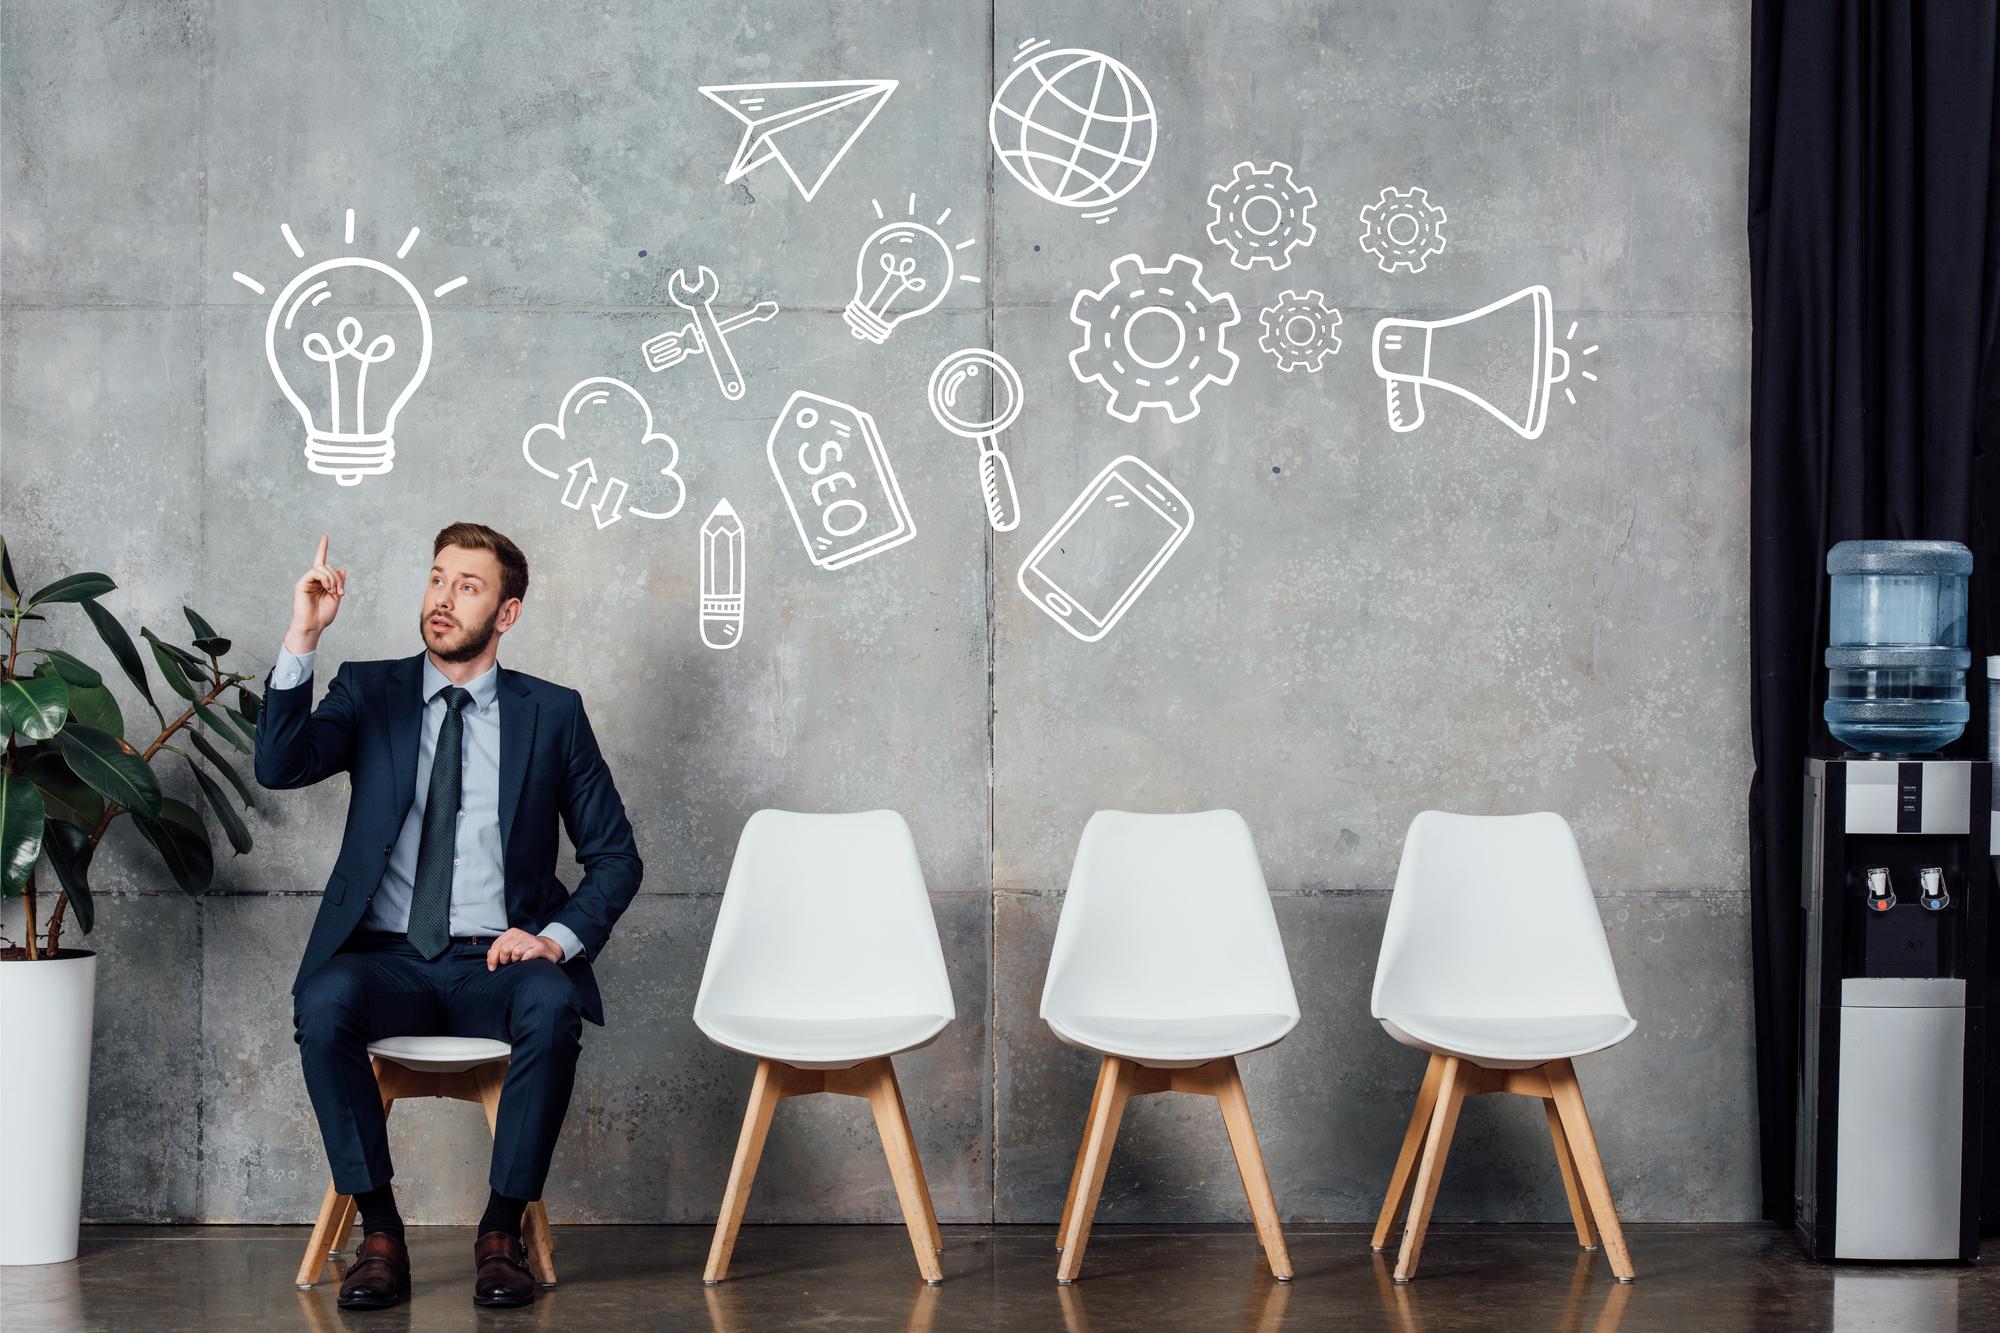 עתיד כלכלי יציב מתחיל בבחירת מקצוע